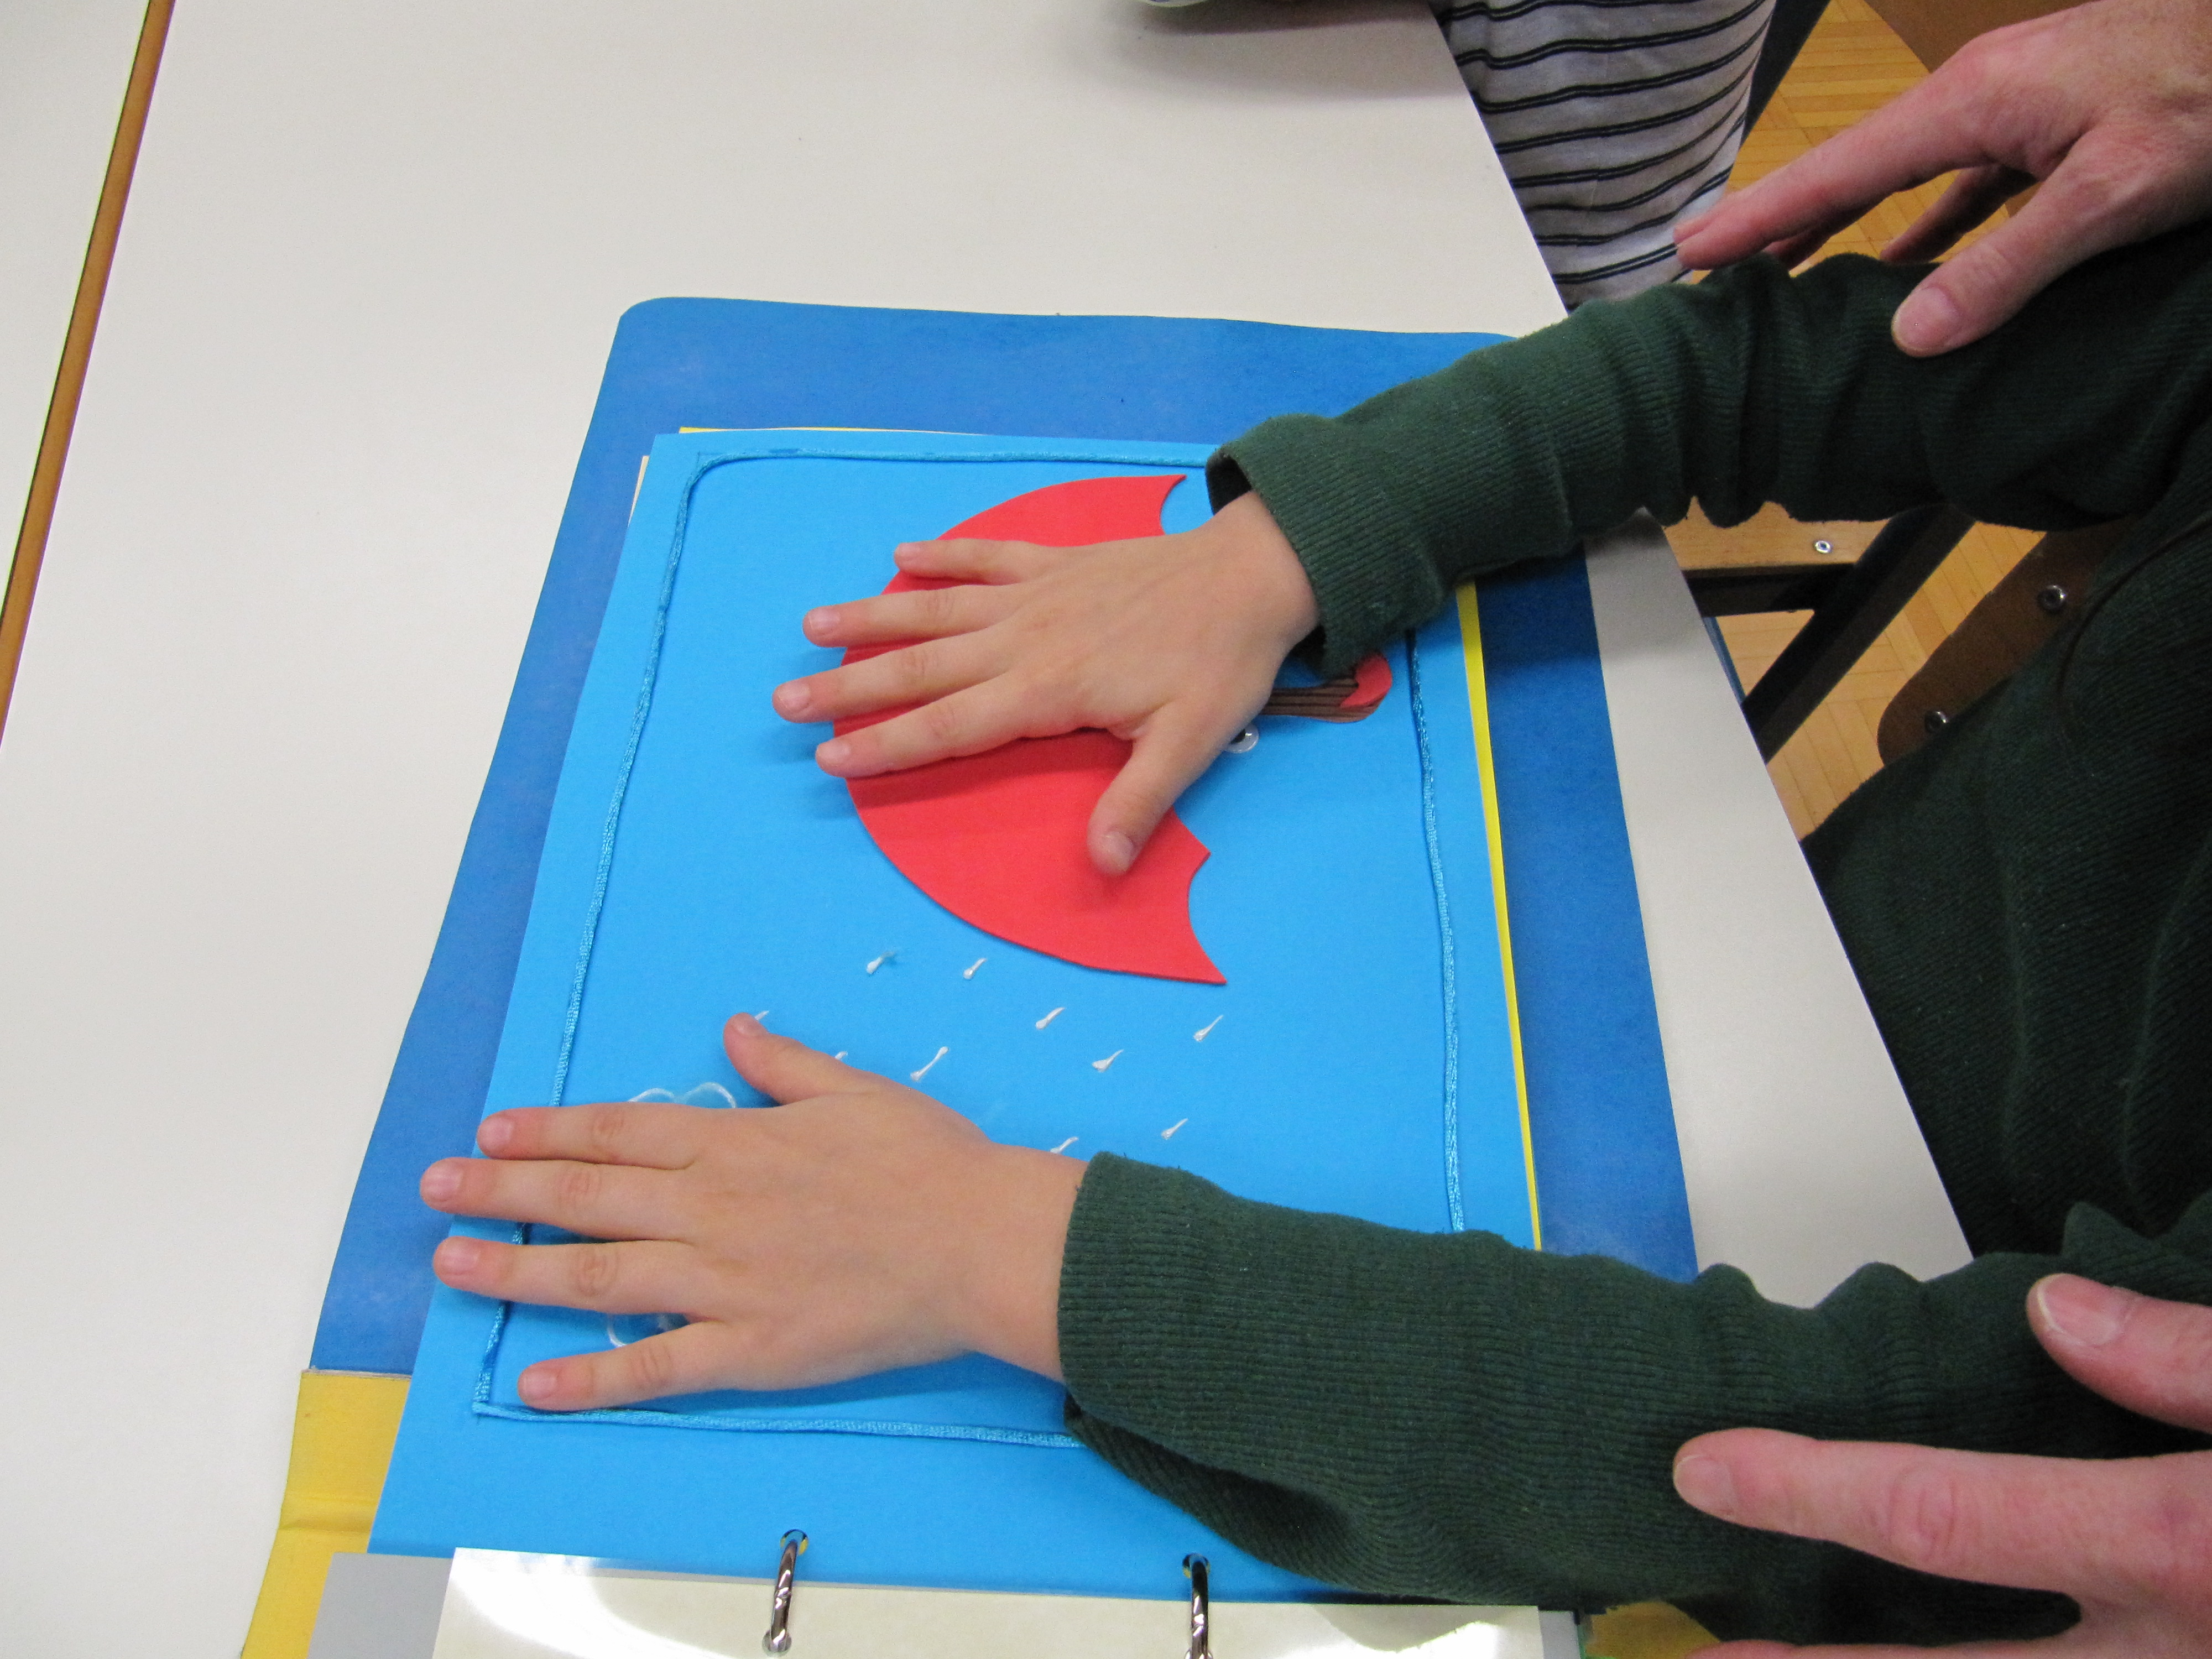 Prvošolci se učimo o slepoti in slabovidnosti